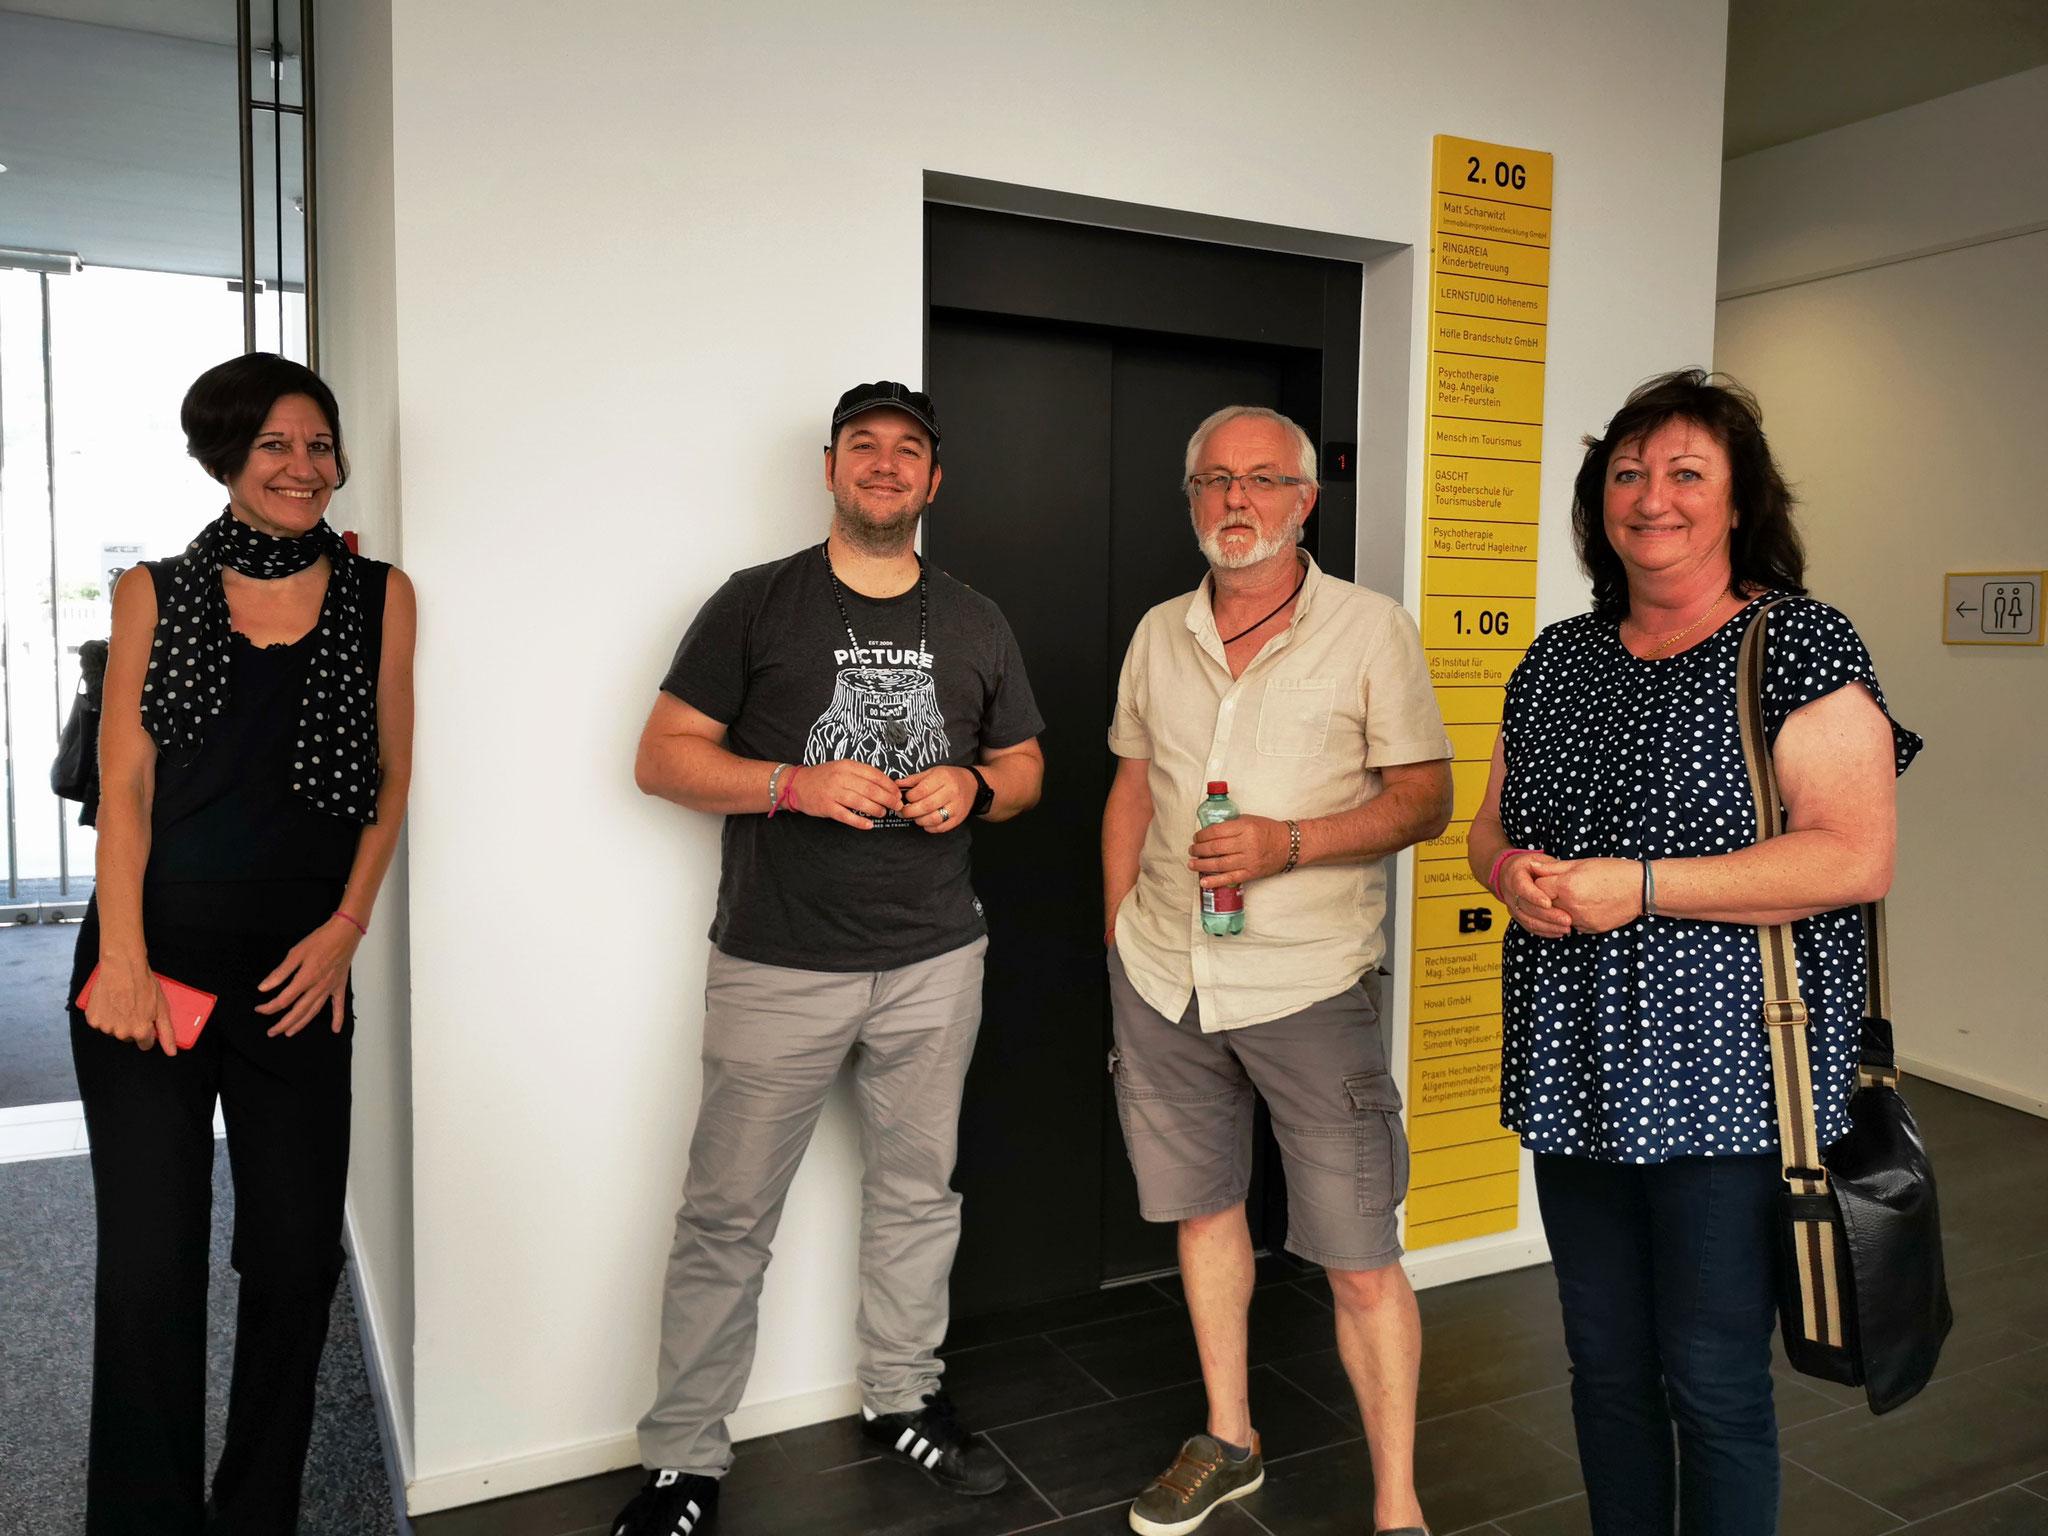 DANKE an Daria und Roberto für eure Teilnahme an der Ausstellung! DANKE an Christian und Ruth für euren Besuch!